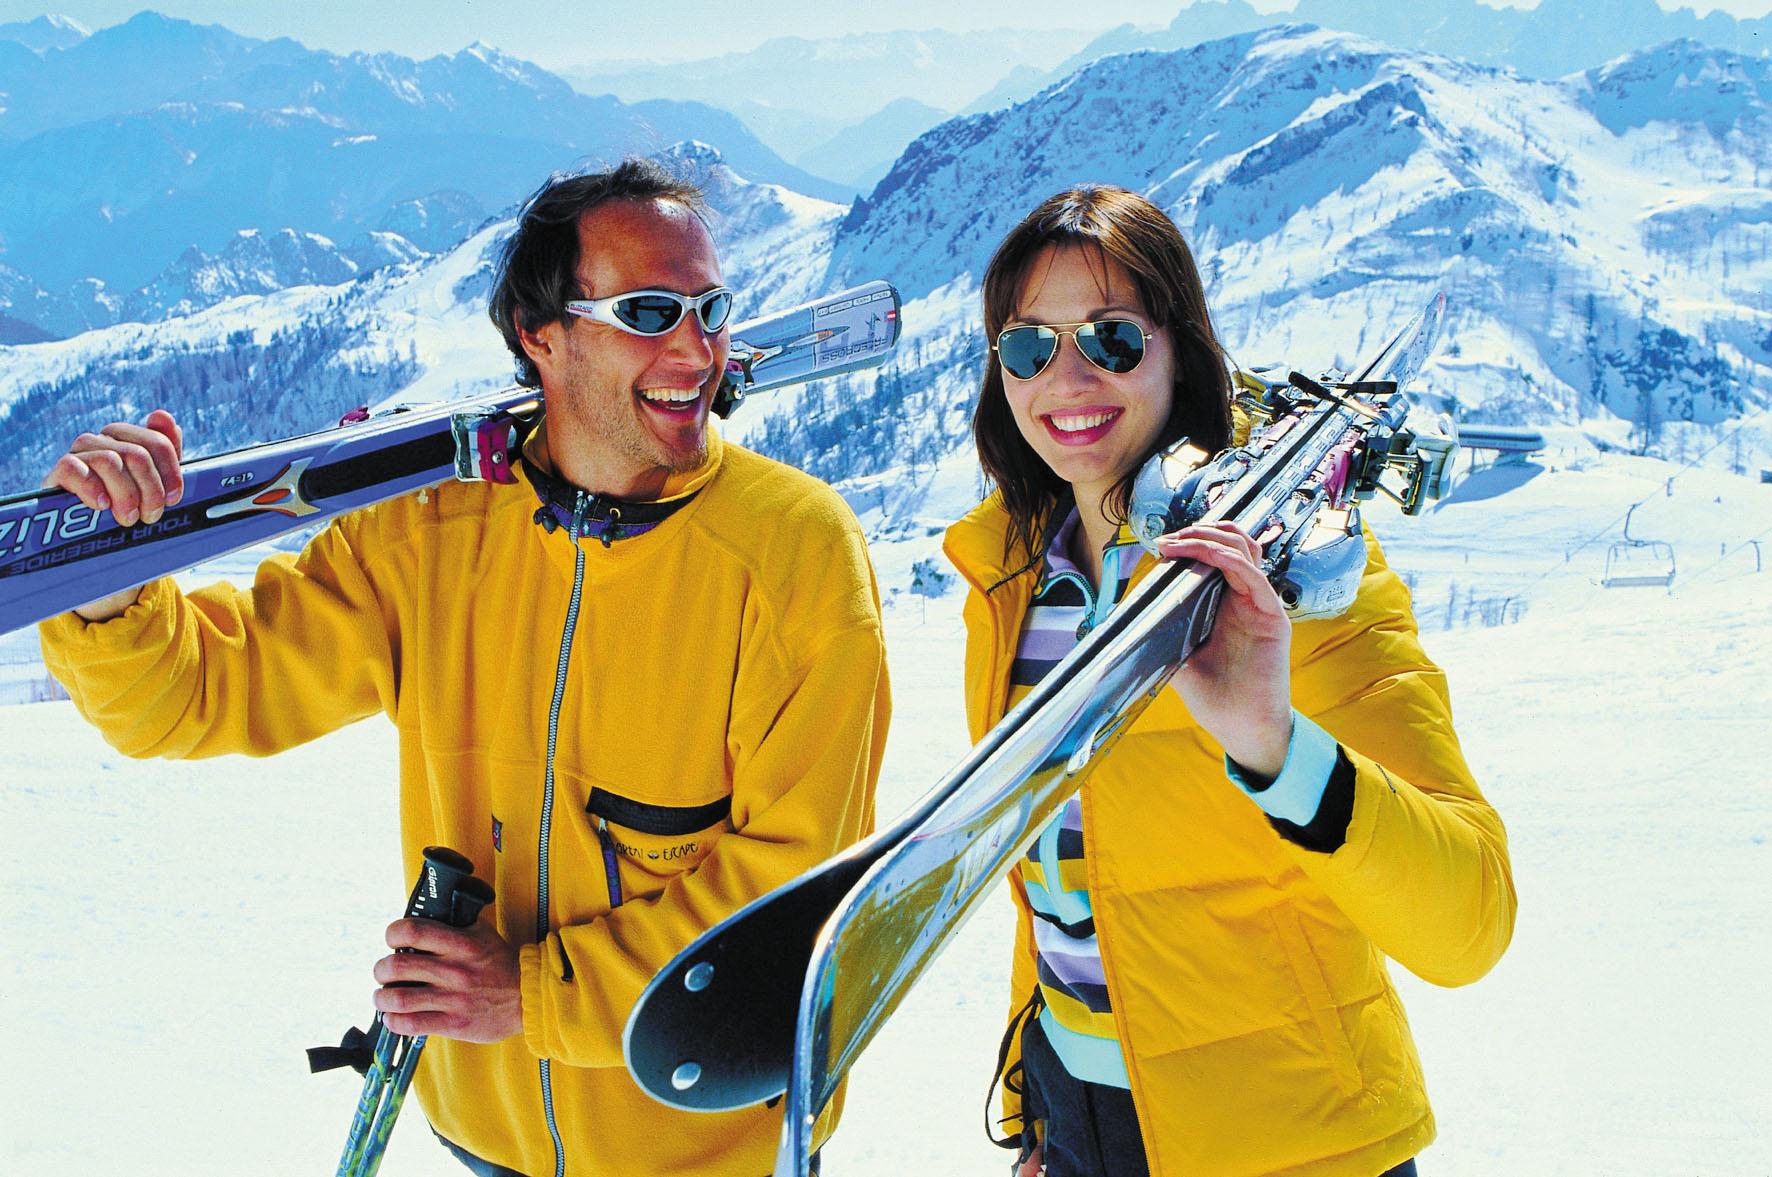 Laikas tepti slides: slidinėjimo naujienos ir patarimai, kokį kurortą rinktis